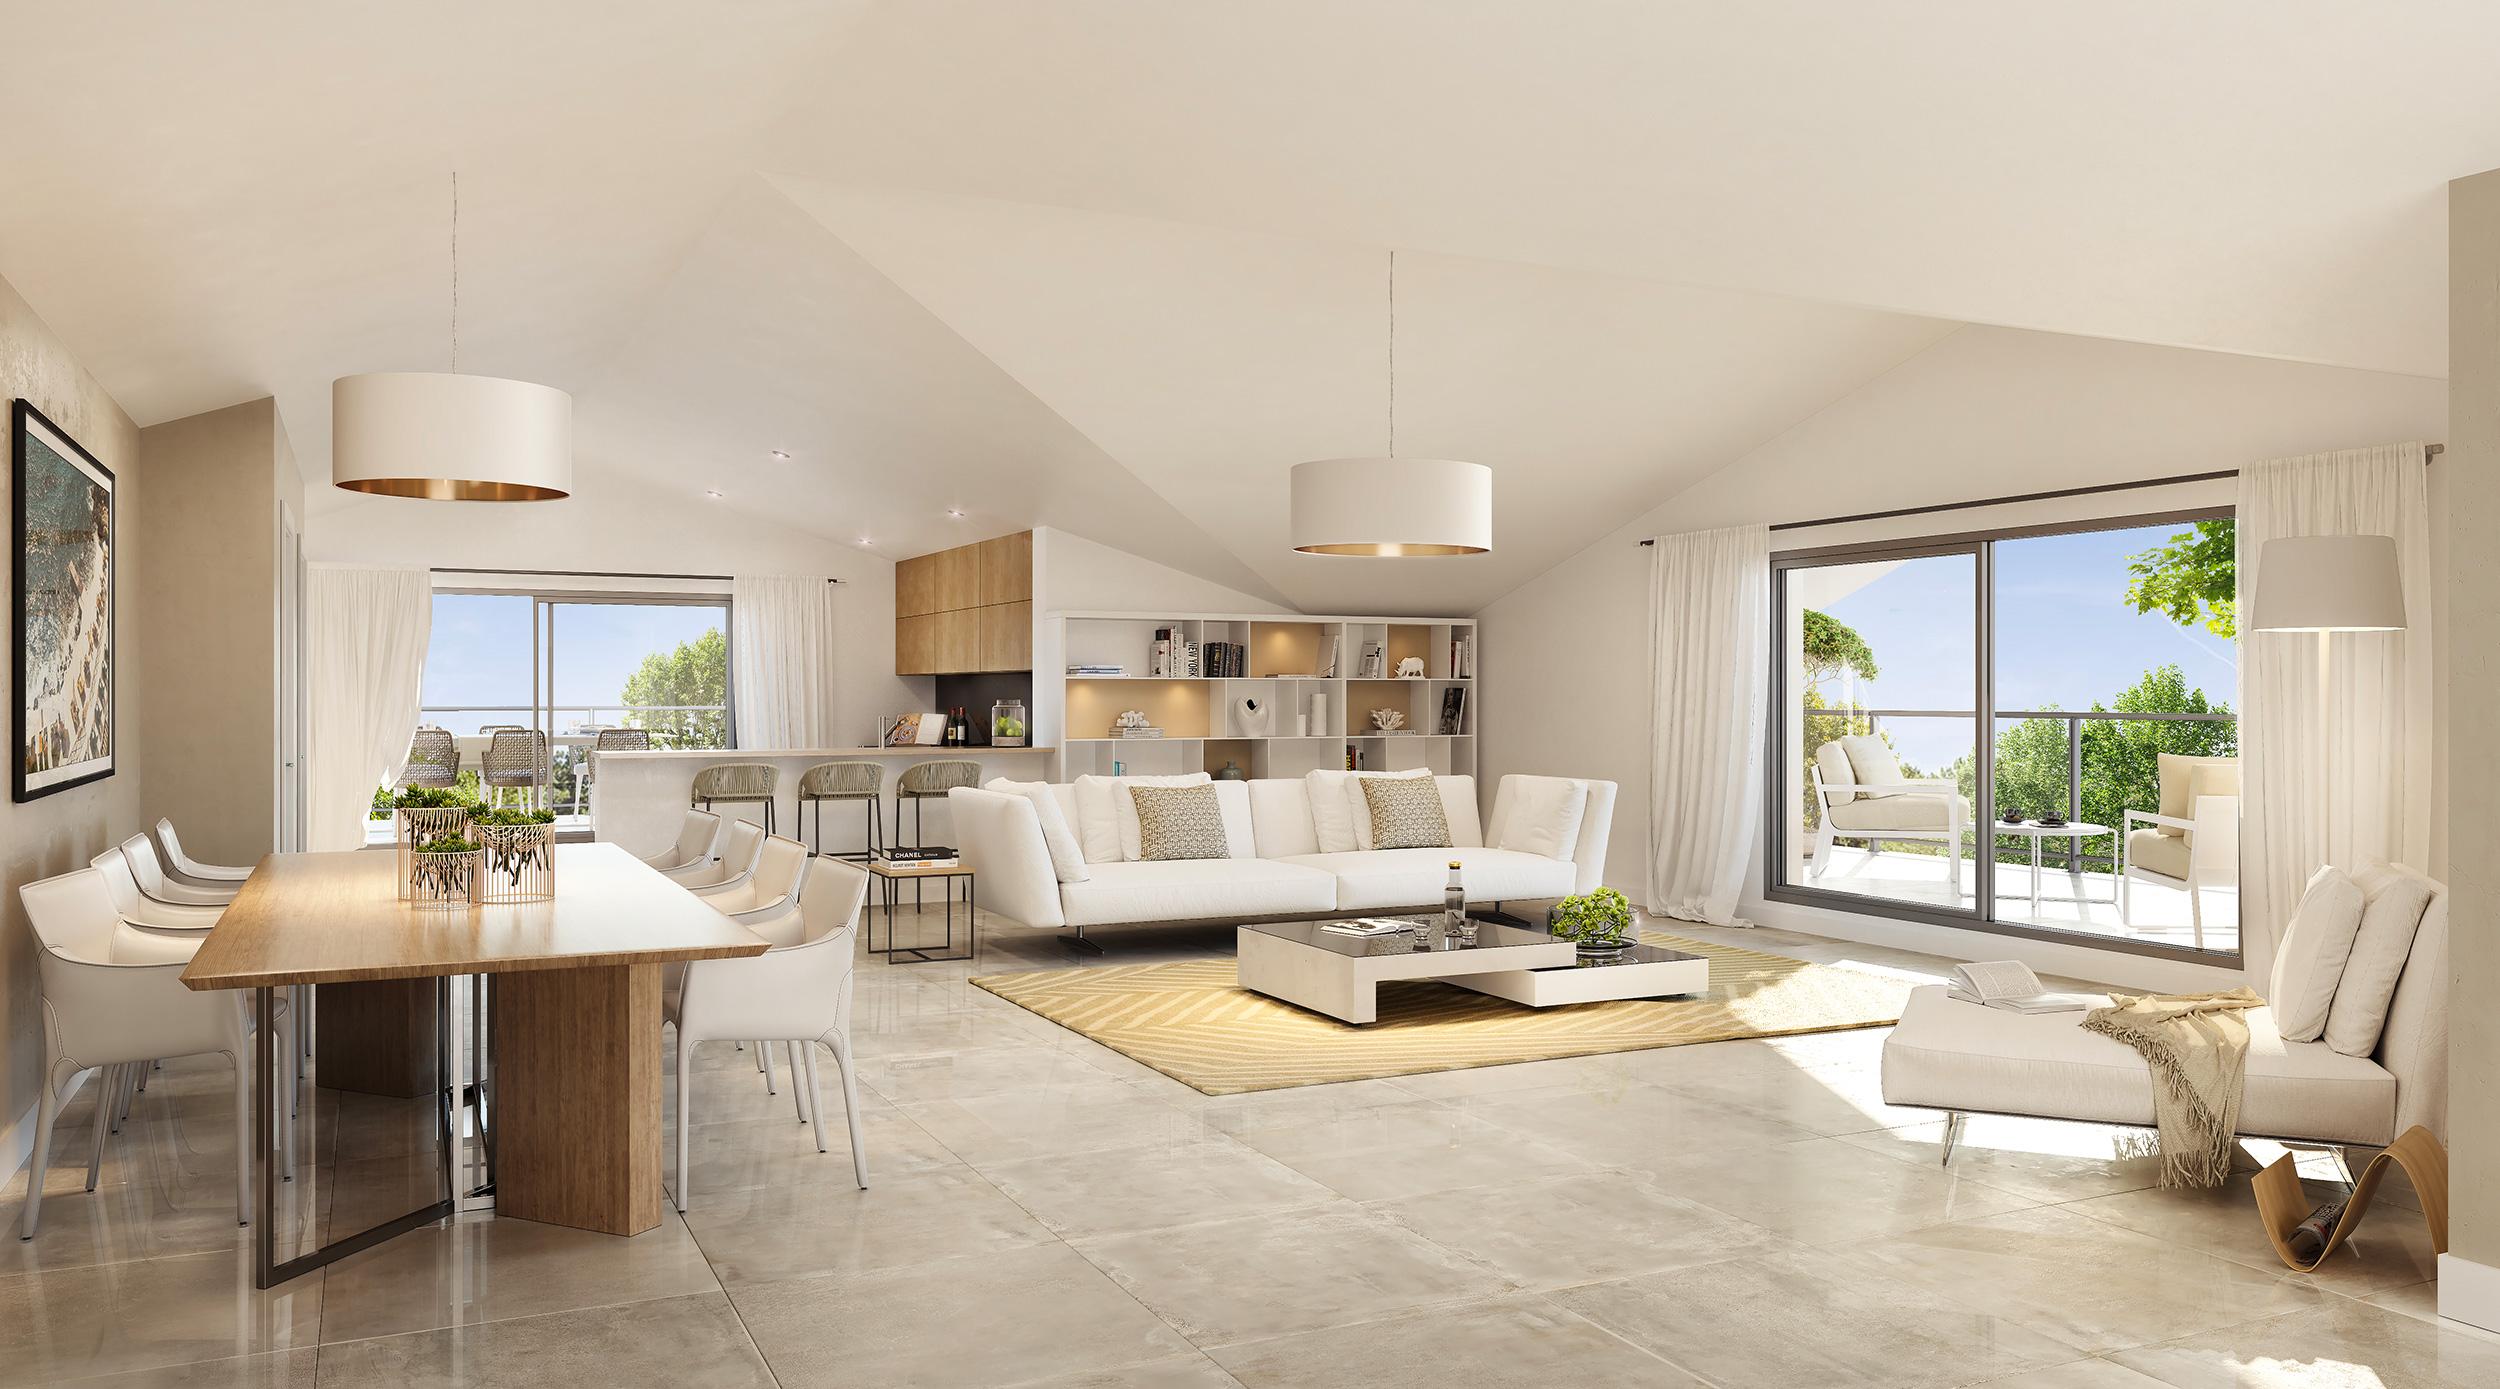 Programme immobilier ALT113 appartement à Toulon (83000) Secteur prisé du Mourillon et du Cap Brun